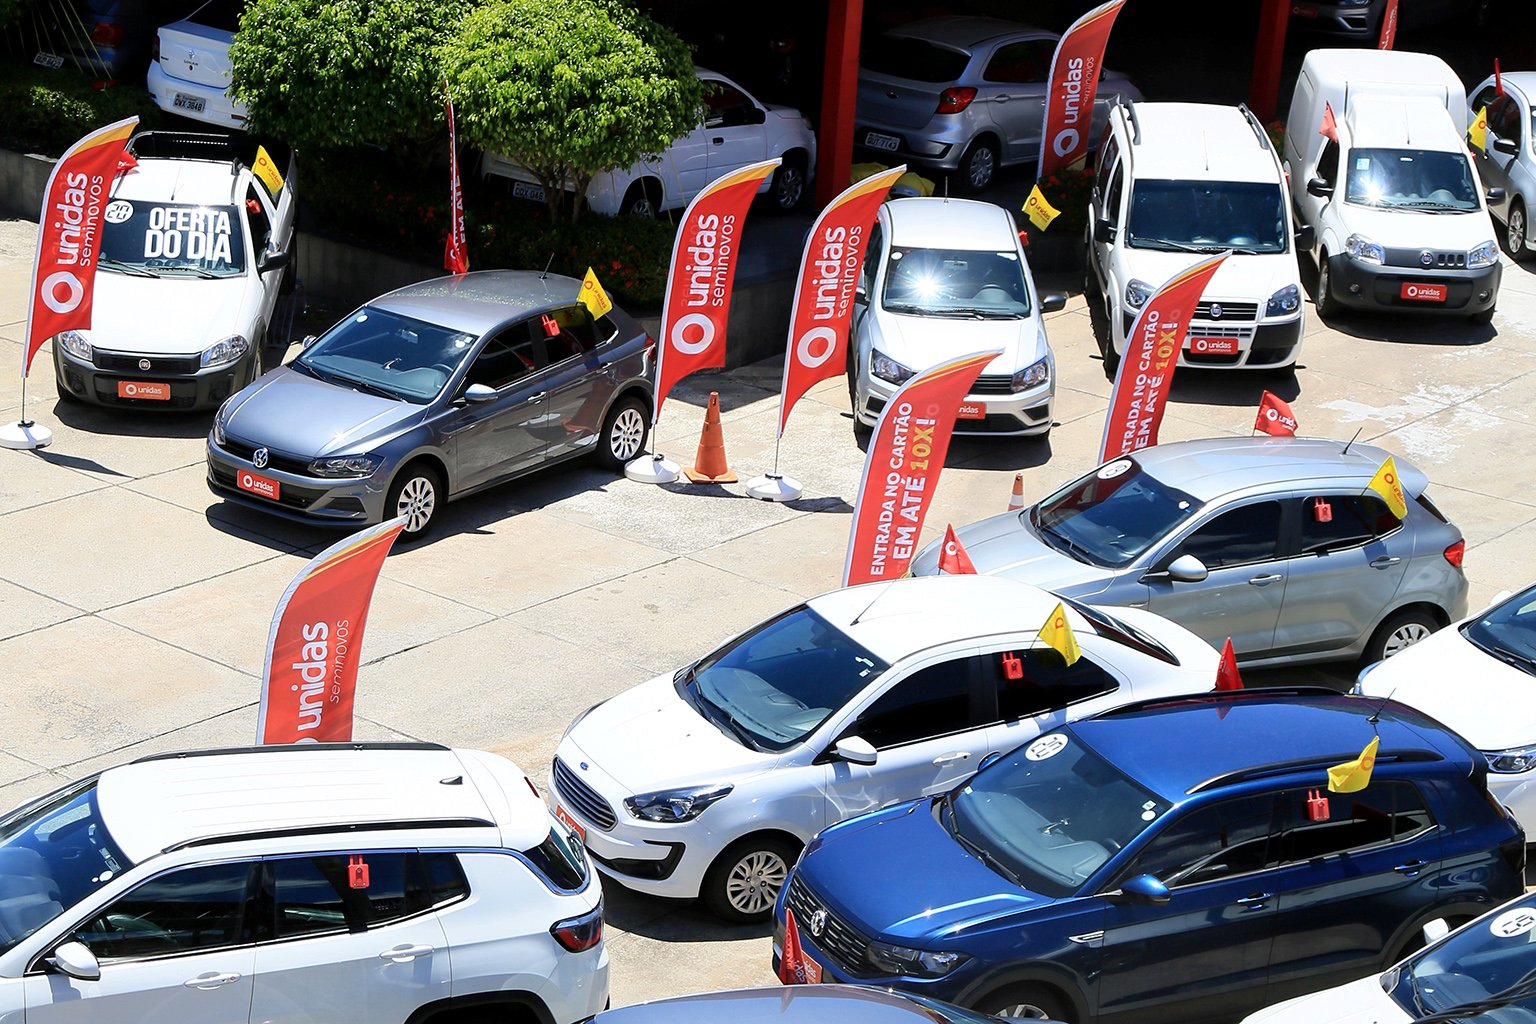 venda de carros usados de locadora foto shutterstock